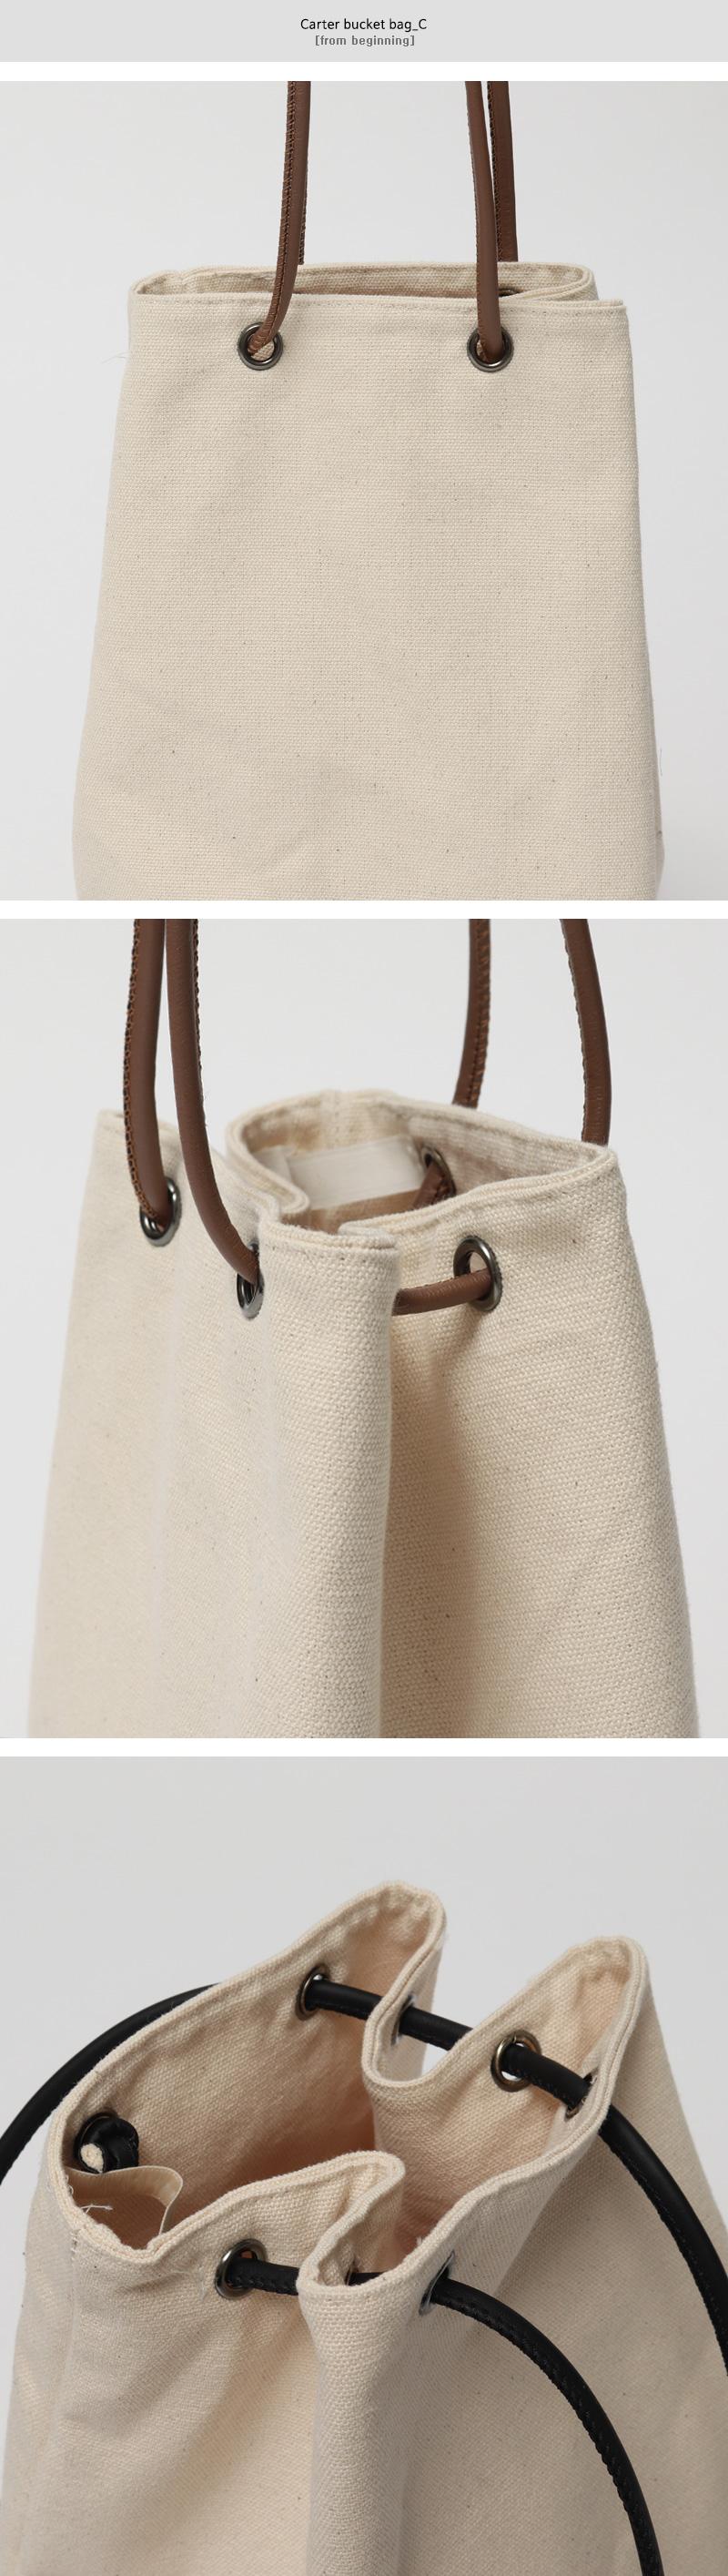 Carter bucket bag_C